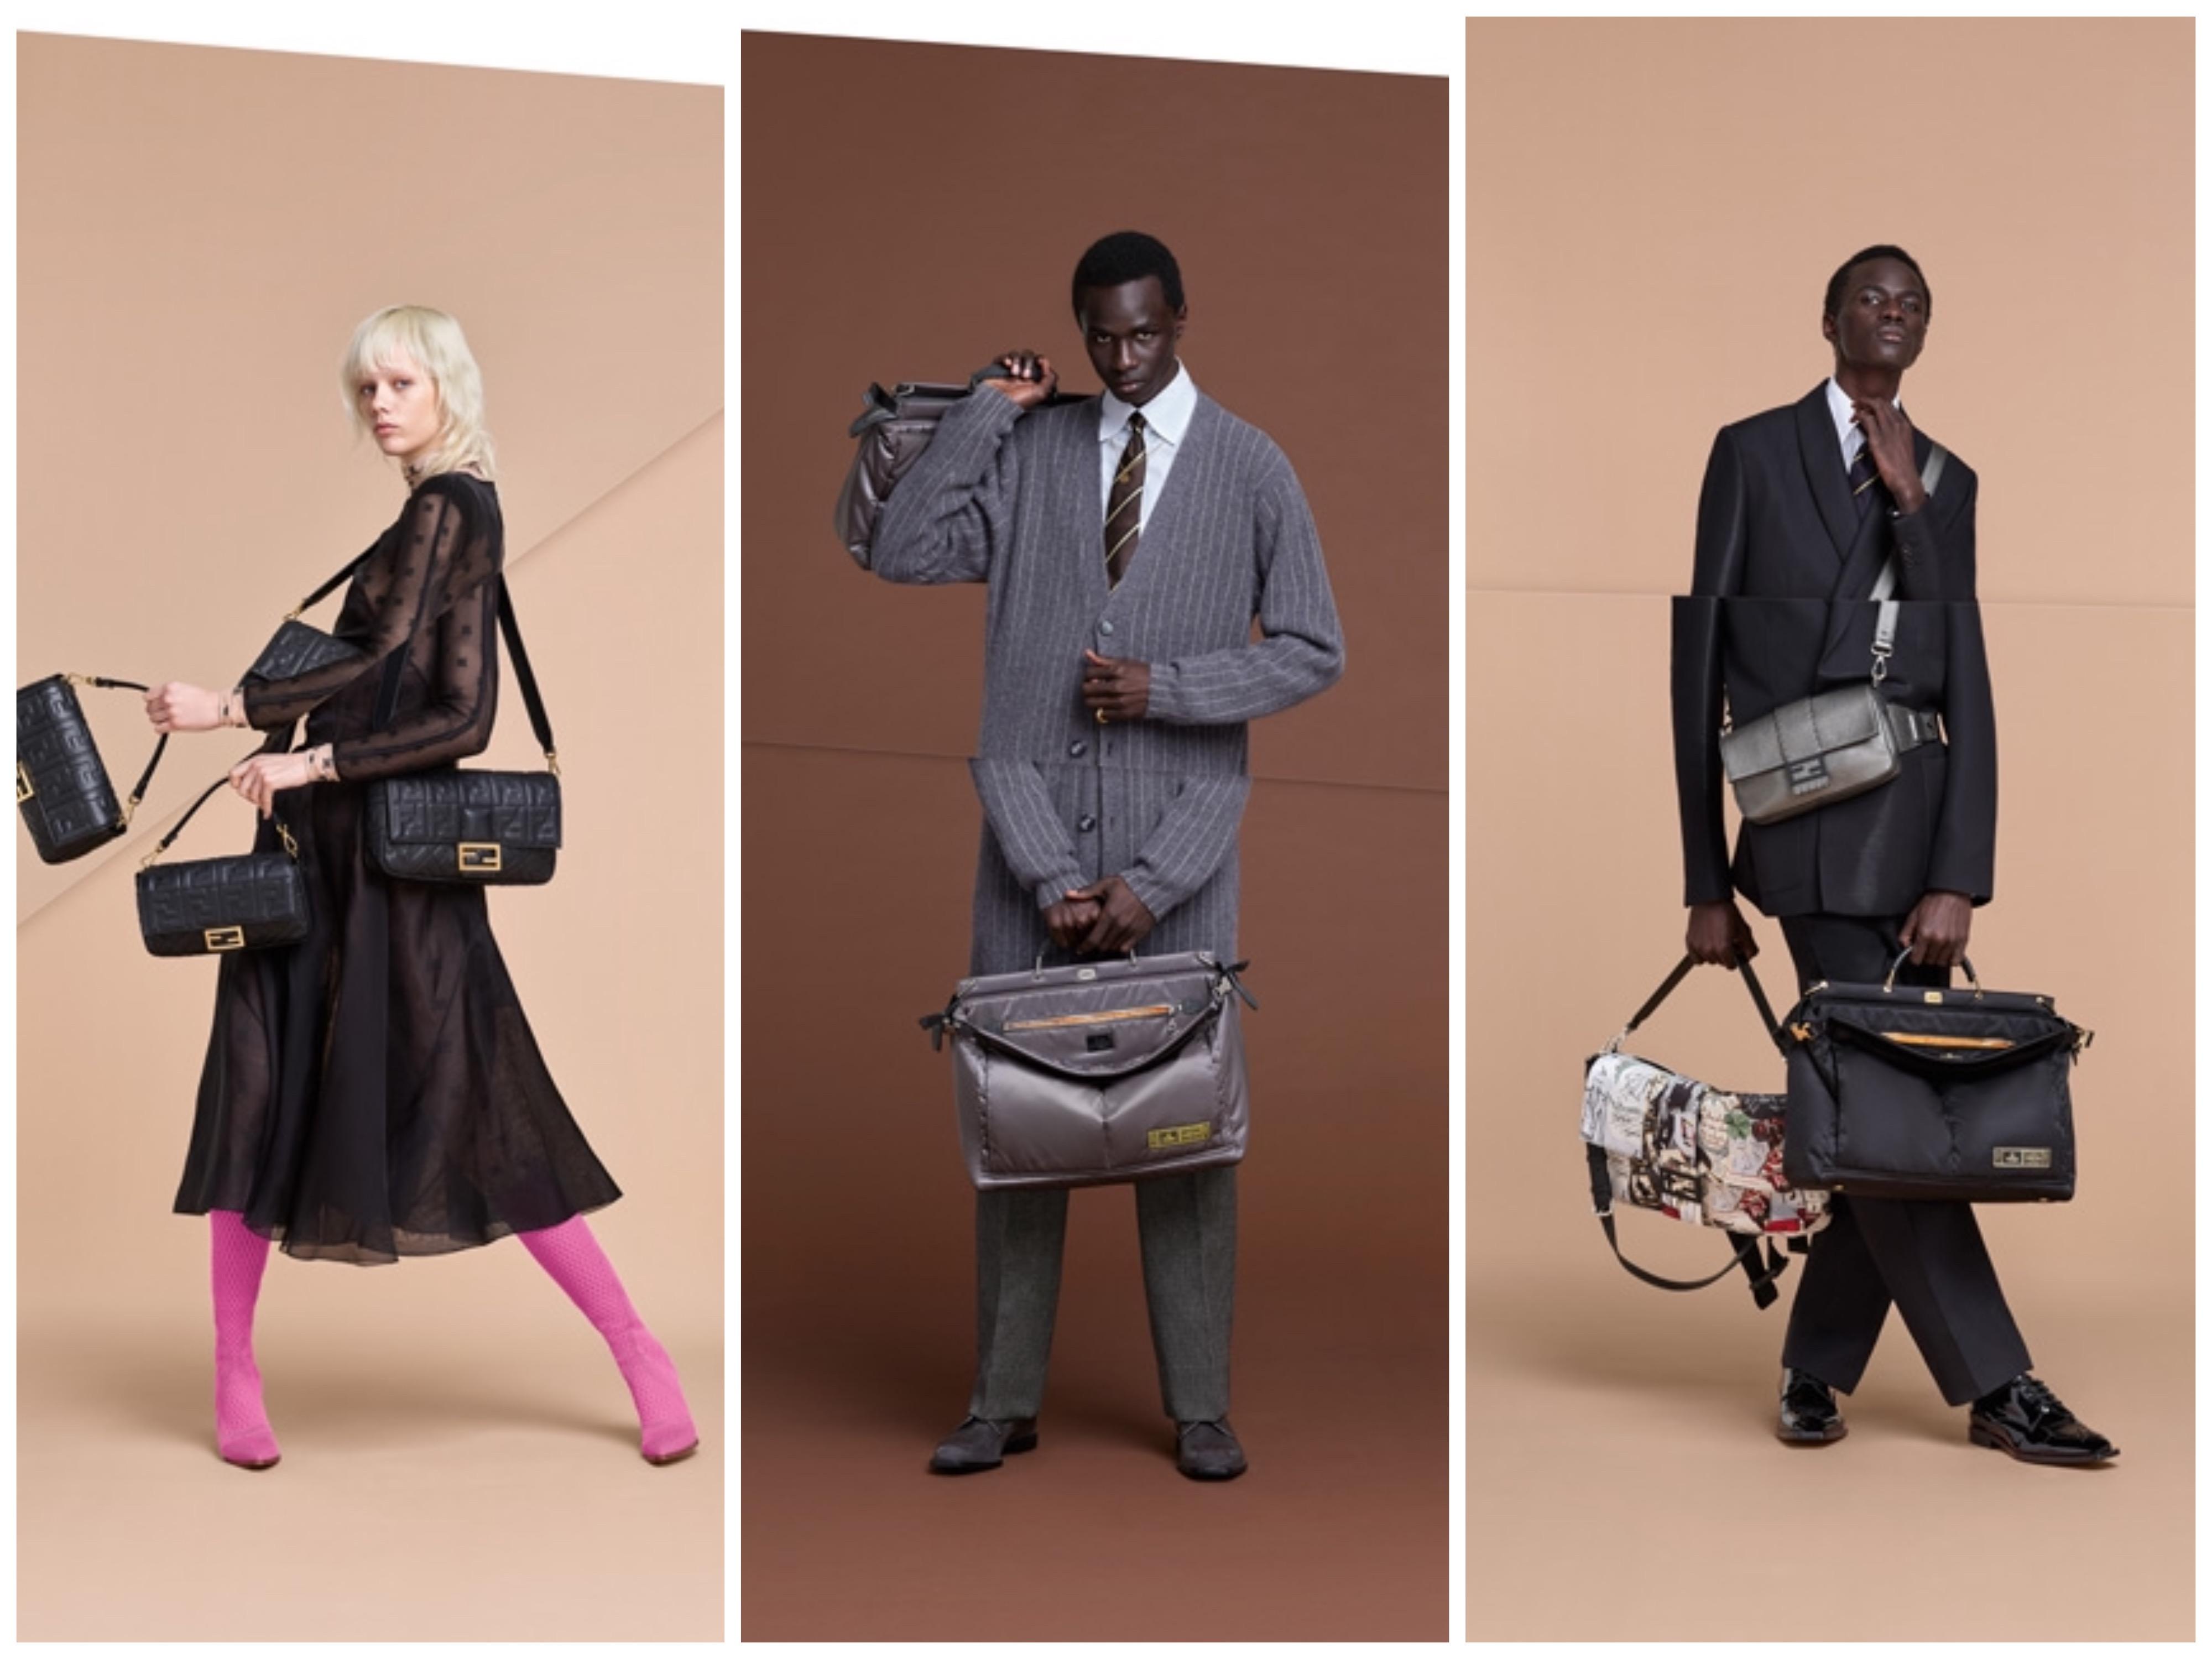 FENDI 2019-20年秋冬メンズ広告 <br>「デュアリズム」色濃く反映